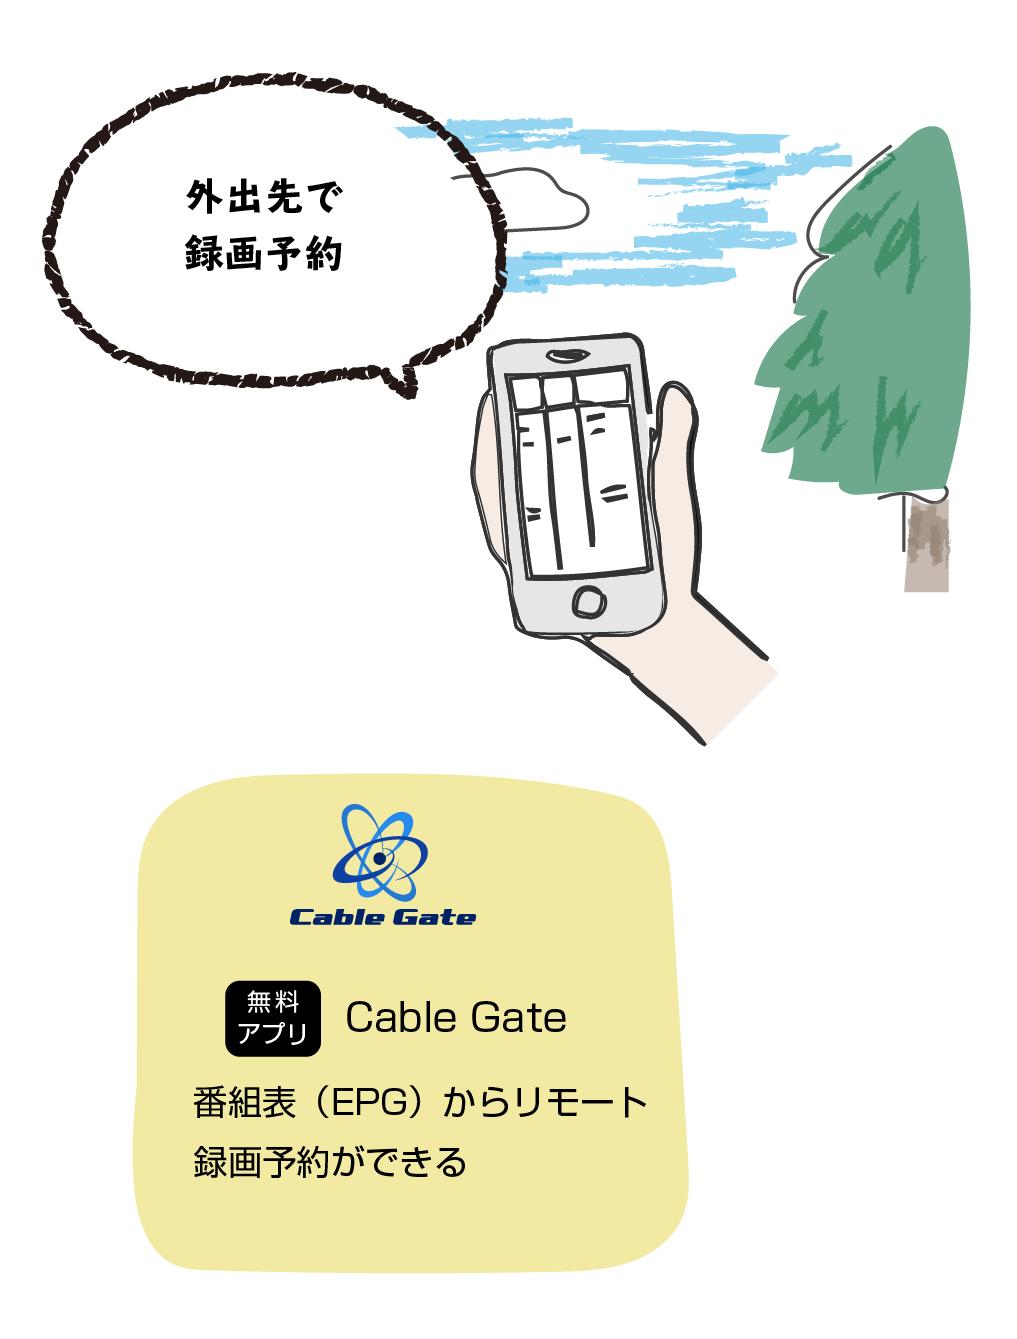 無料のアプリ「Cable Gate」を使えば、外にいても番組表のチェックや録画予約が可能